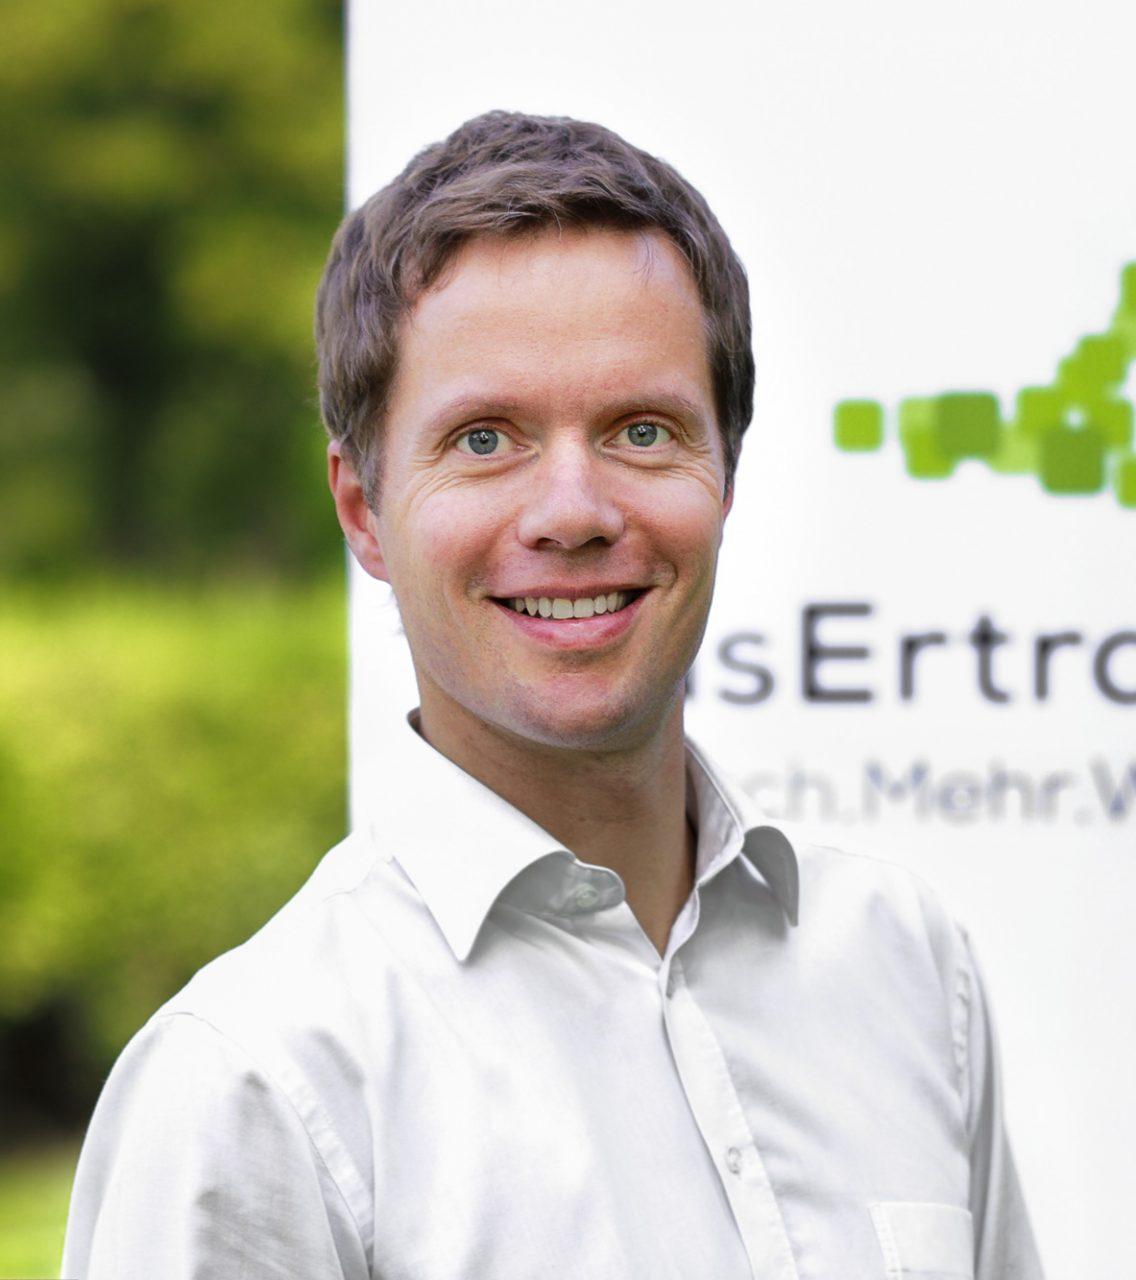 Martin Watzka, Crowdinvestment: ... am Sparbuch befindet sich enorm viel totes Kapital.